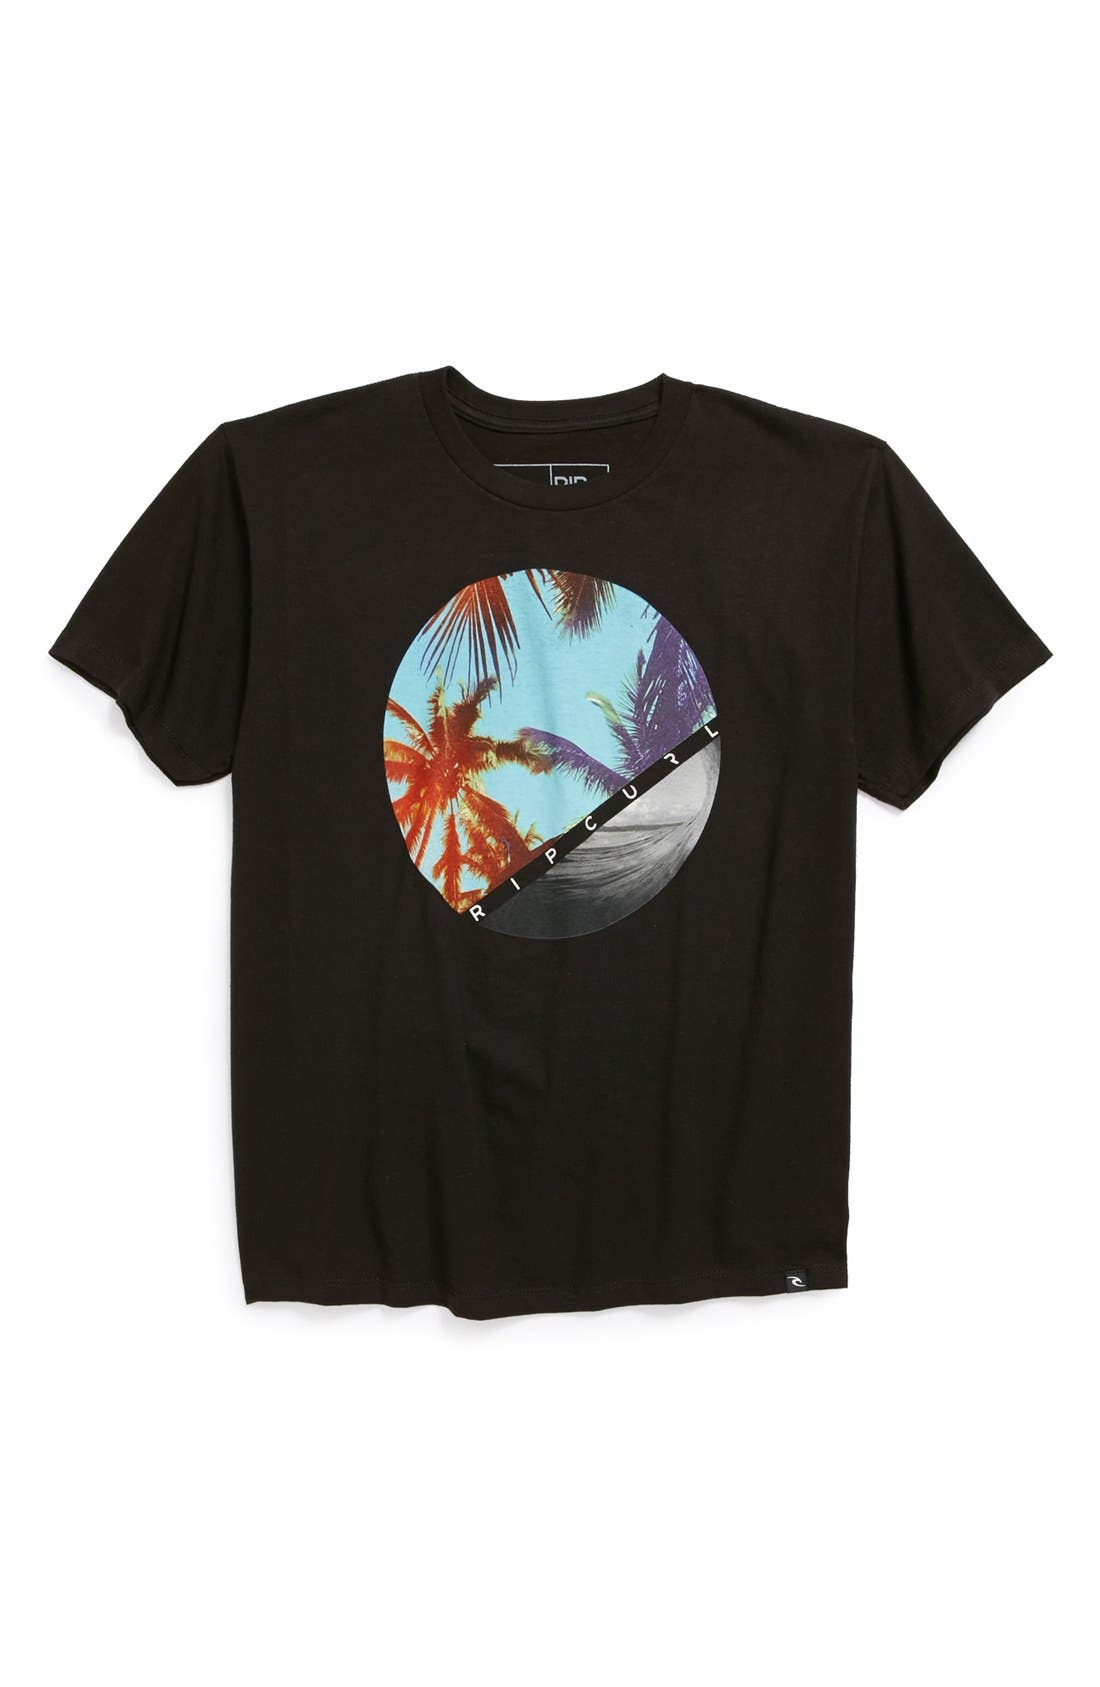 Alternate Image 1 Selected - Rip Curl 'Getting Away' T-Shirt (Big Boys)